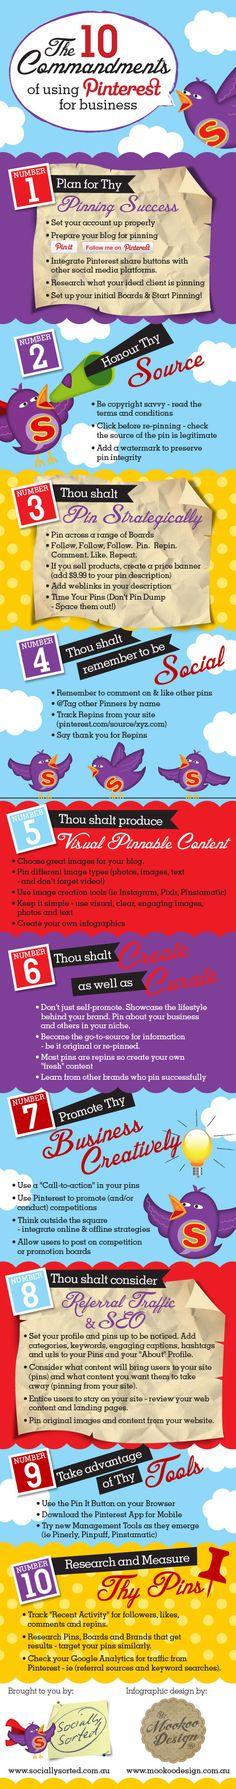 Pinterest - alcuni consigli su questo nuovo social network  http://crossmediadv.com/2012/06/14/pinterest-alcuni-consigli-su-questo-nuovo-social-network/